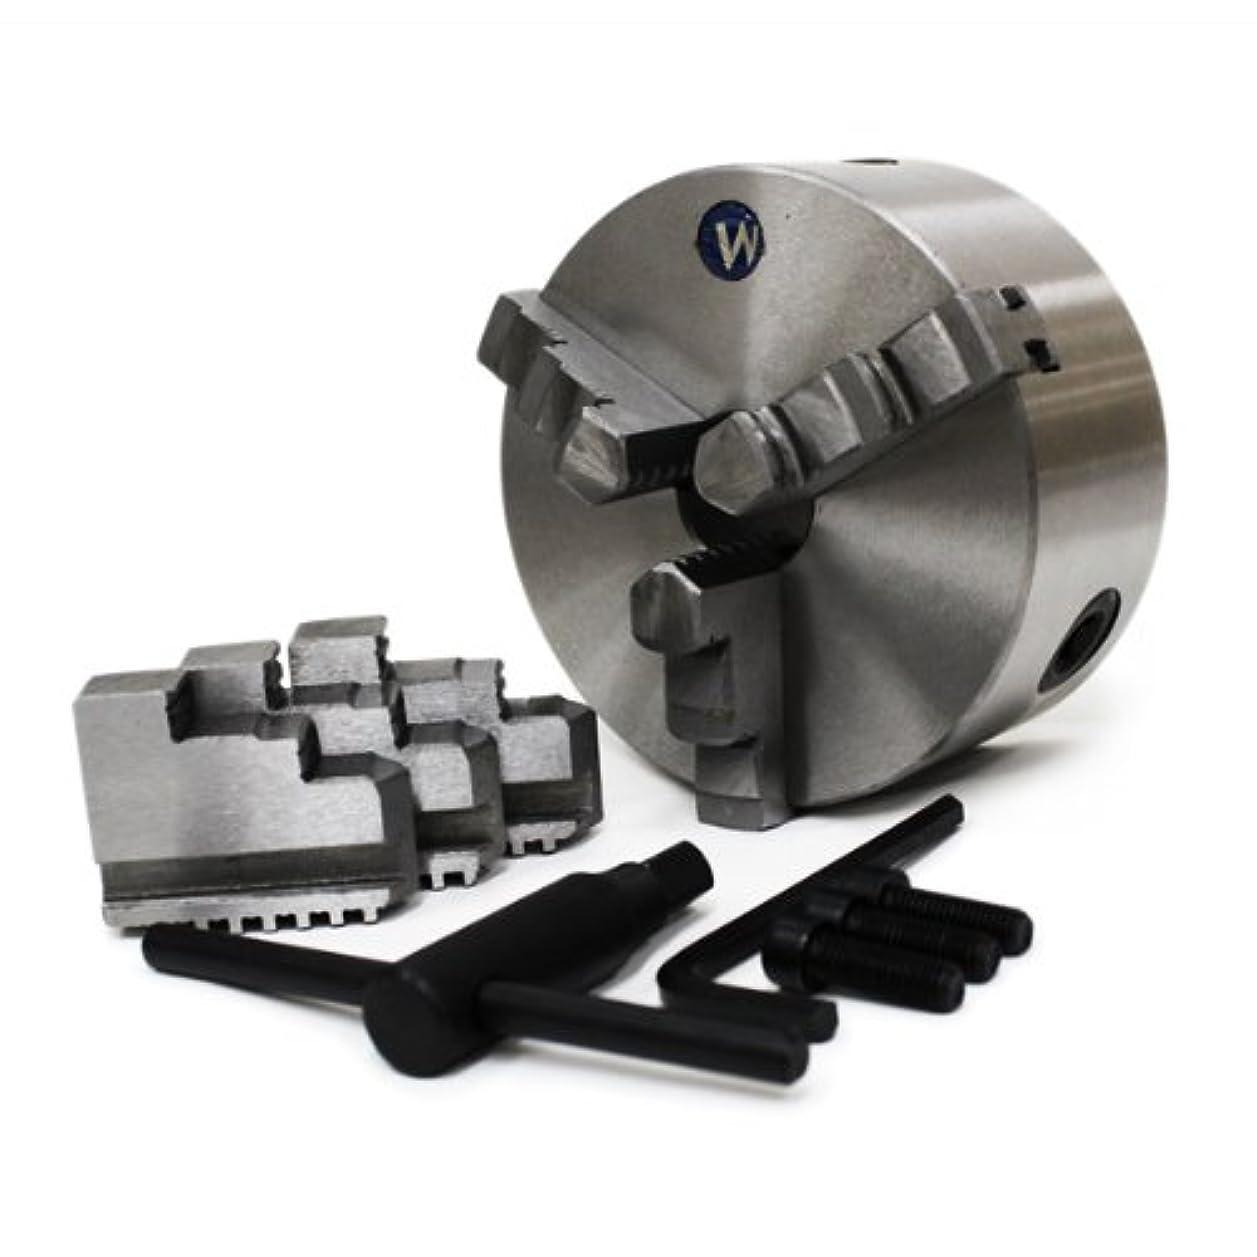 機械的草百WEIMALL 3爪 125mm 旋盤チャック フライス盤用 スクロールチャック